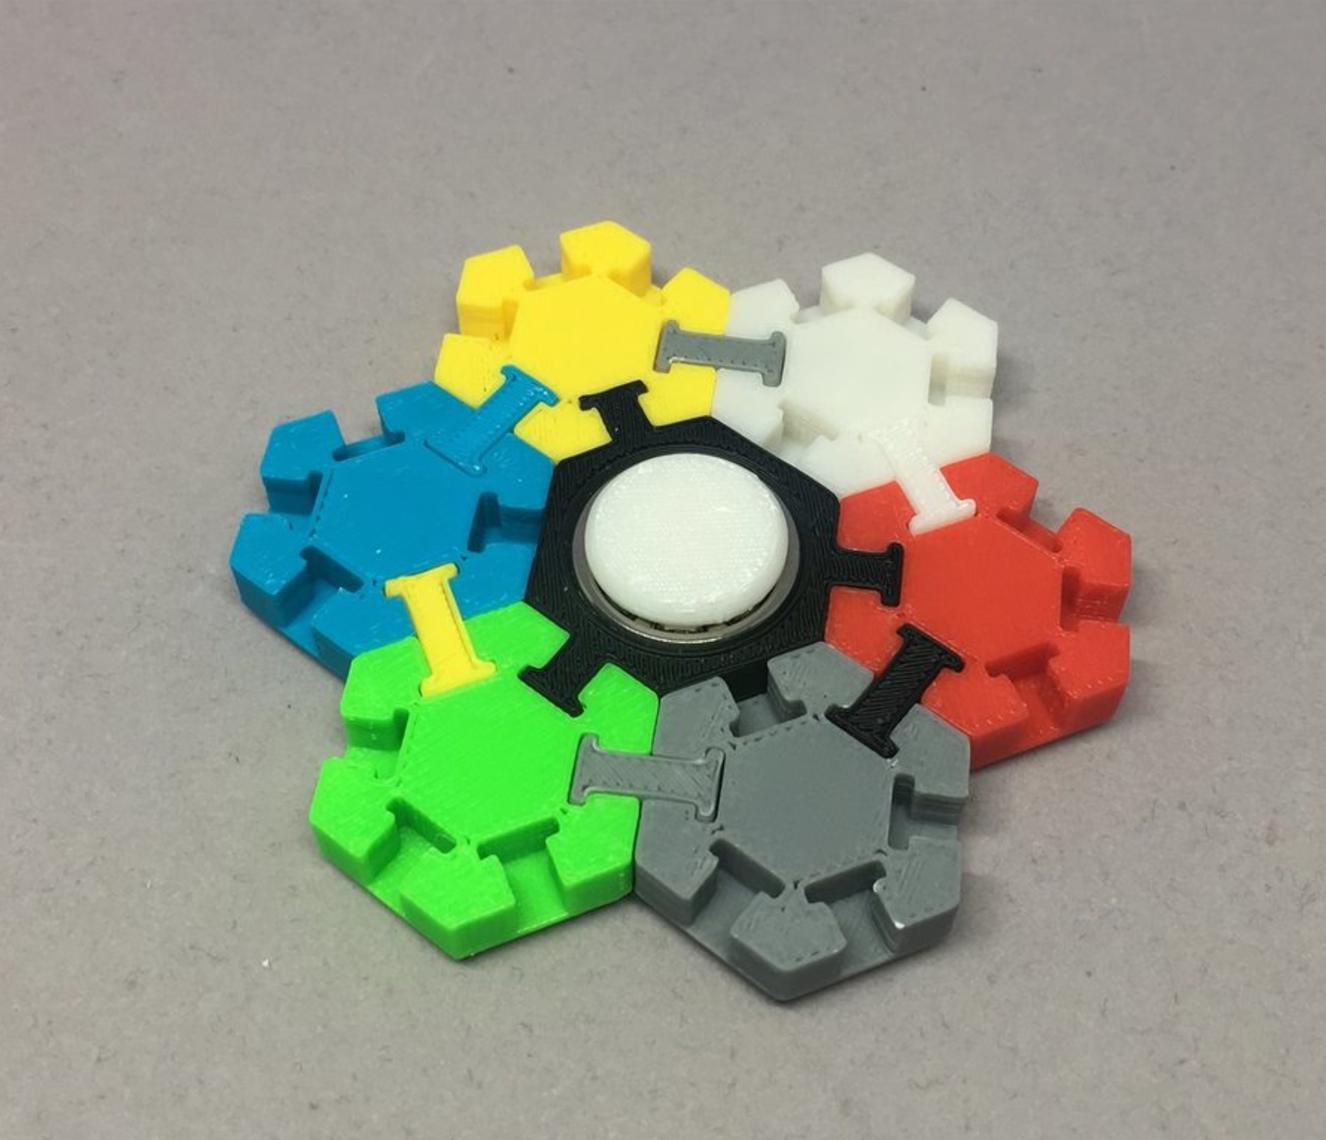 Capture d'écran 2017-05-30 à 19.20.34.png Download free STL file Hex Tile Fidget Spinner • 3D printing object, CyberCyclist